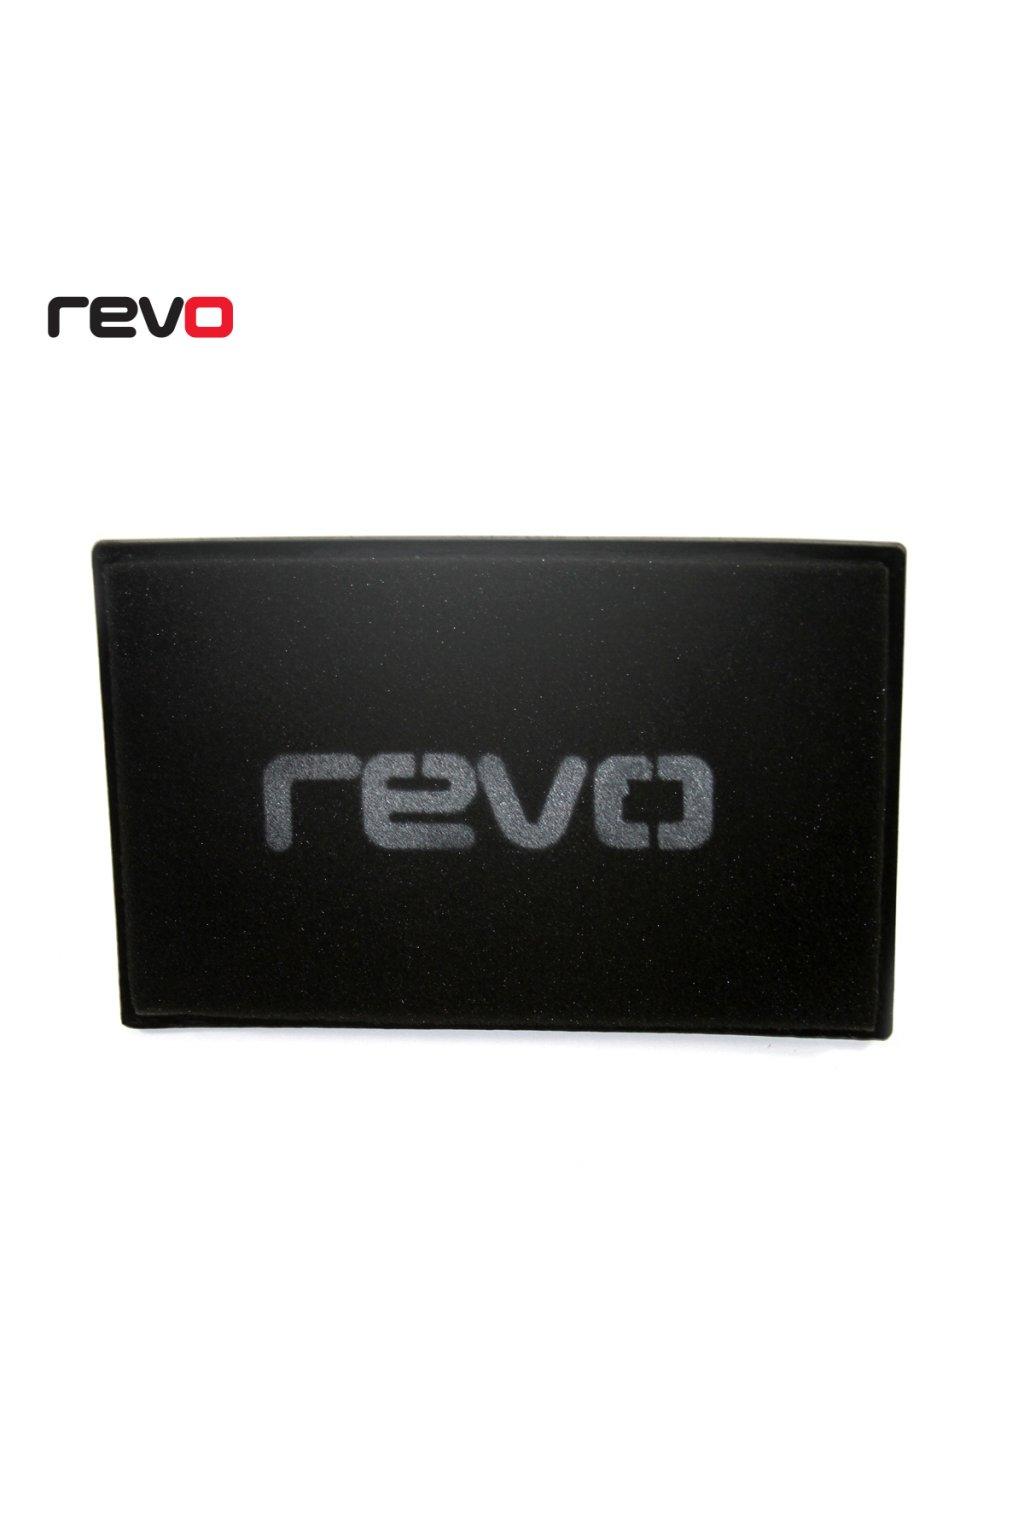 Revo PROFILTER - Audi TT RS 8J